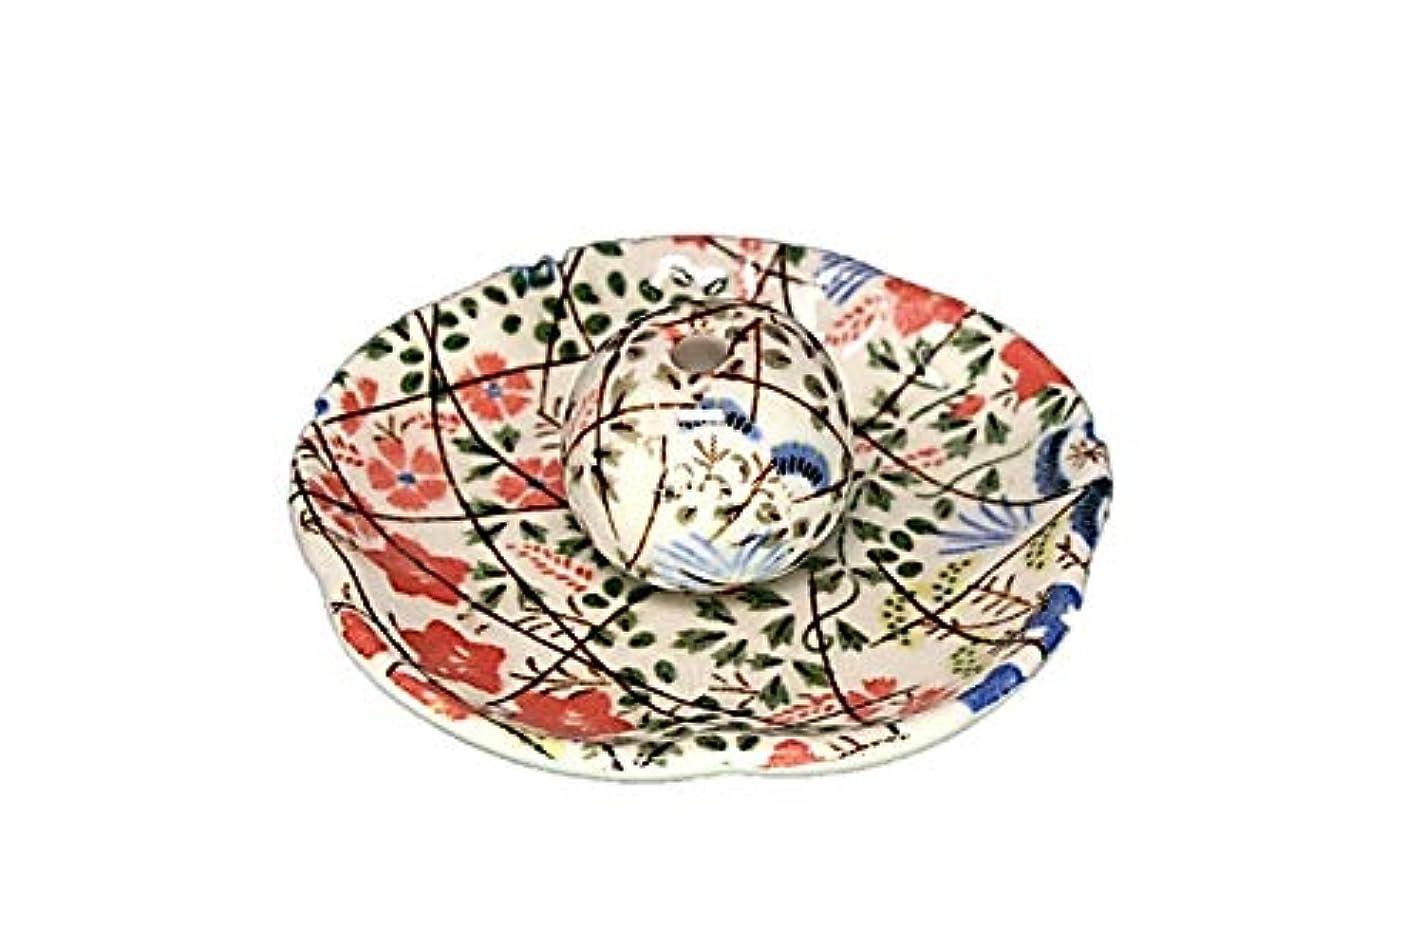 事軽量記念碑錦織 はな野 花形香皿 お香立て お香たて 日本製 ACSWEBSHOPオリジナル